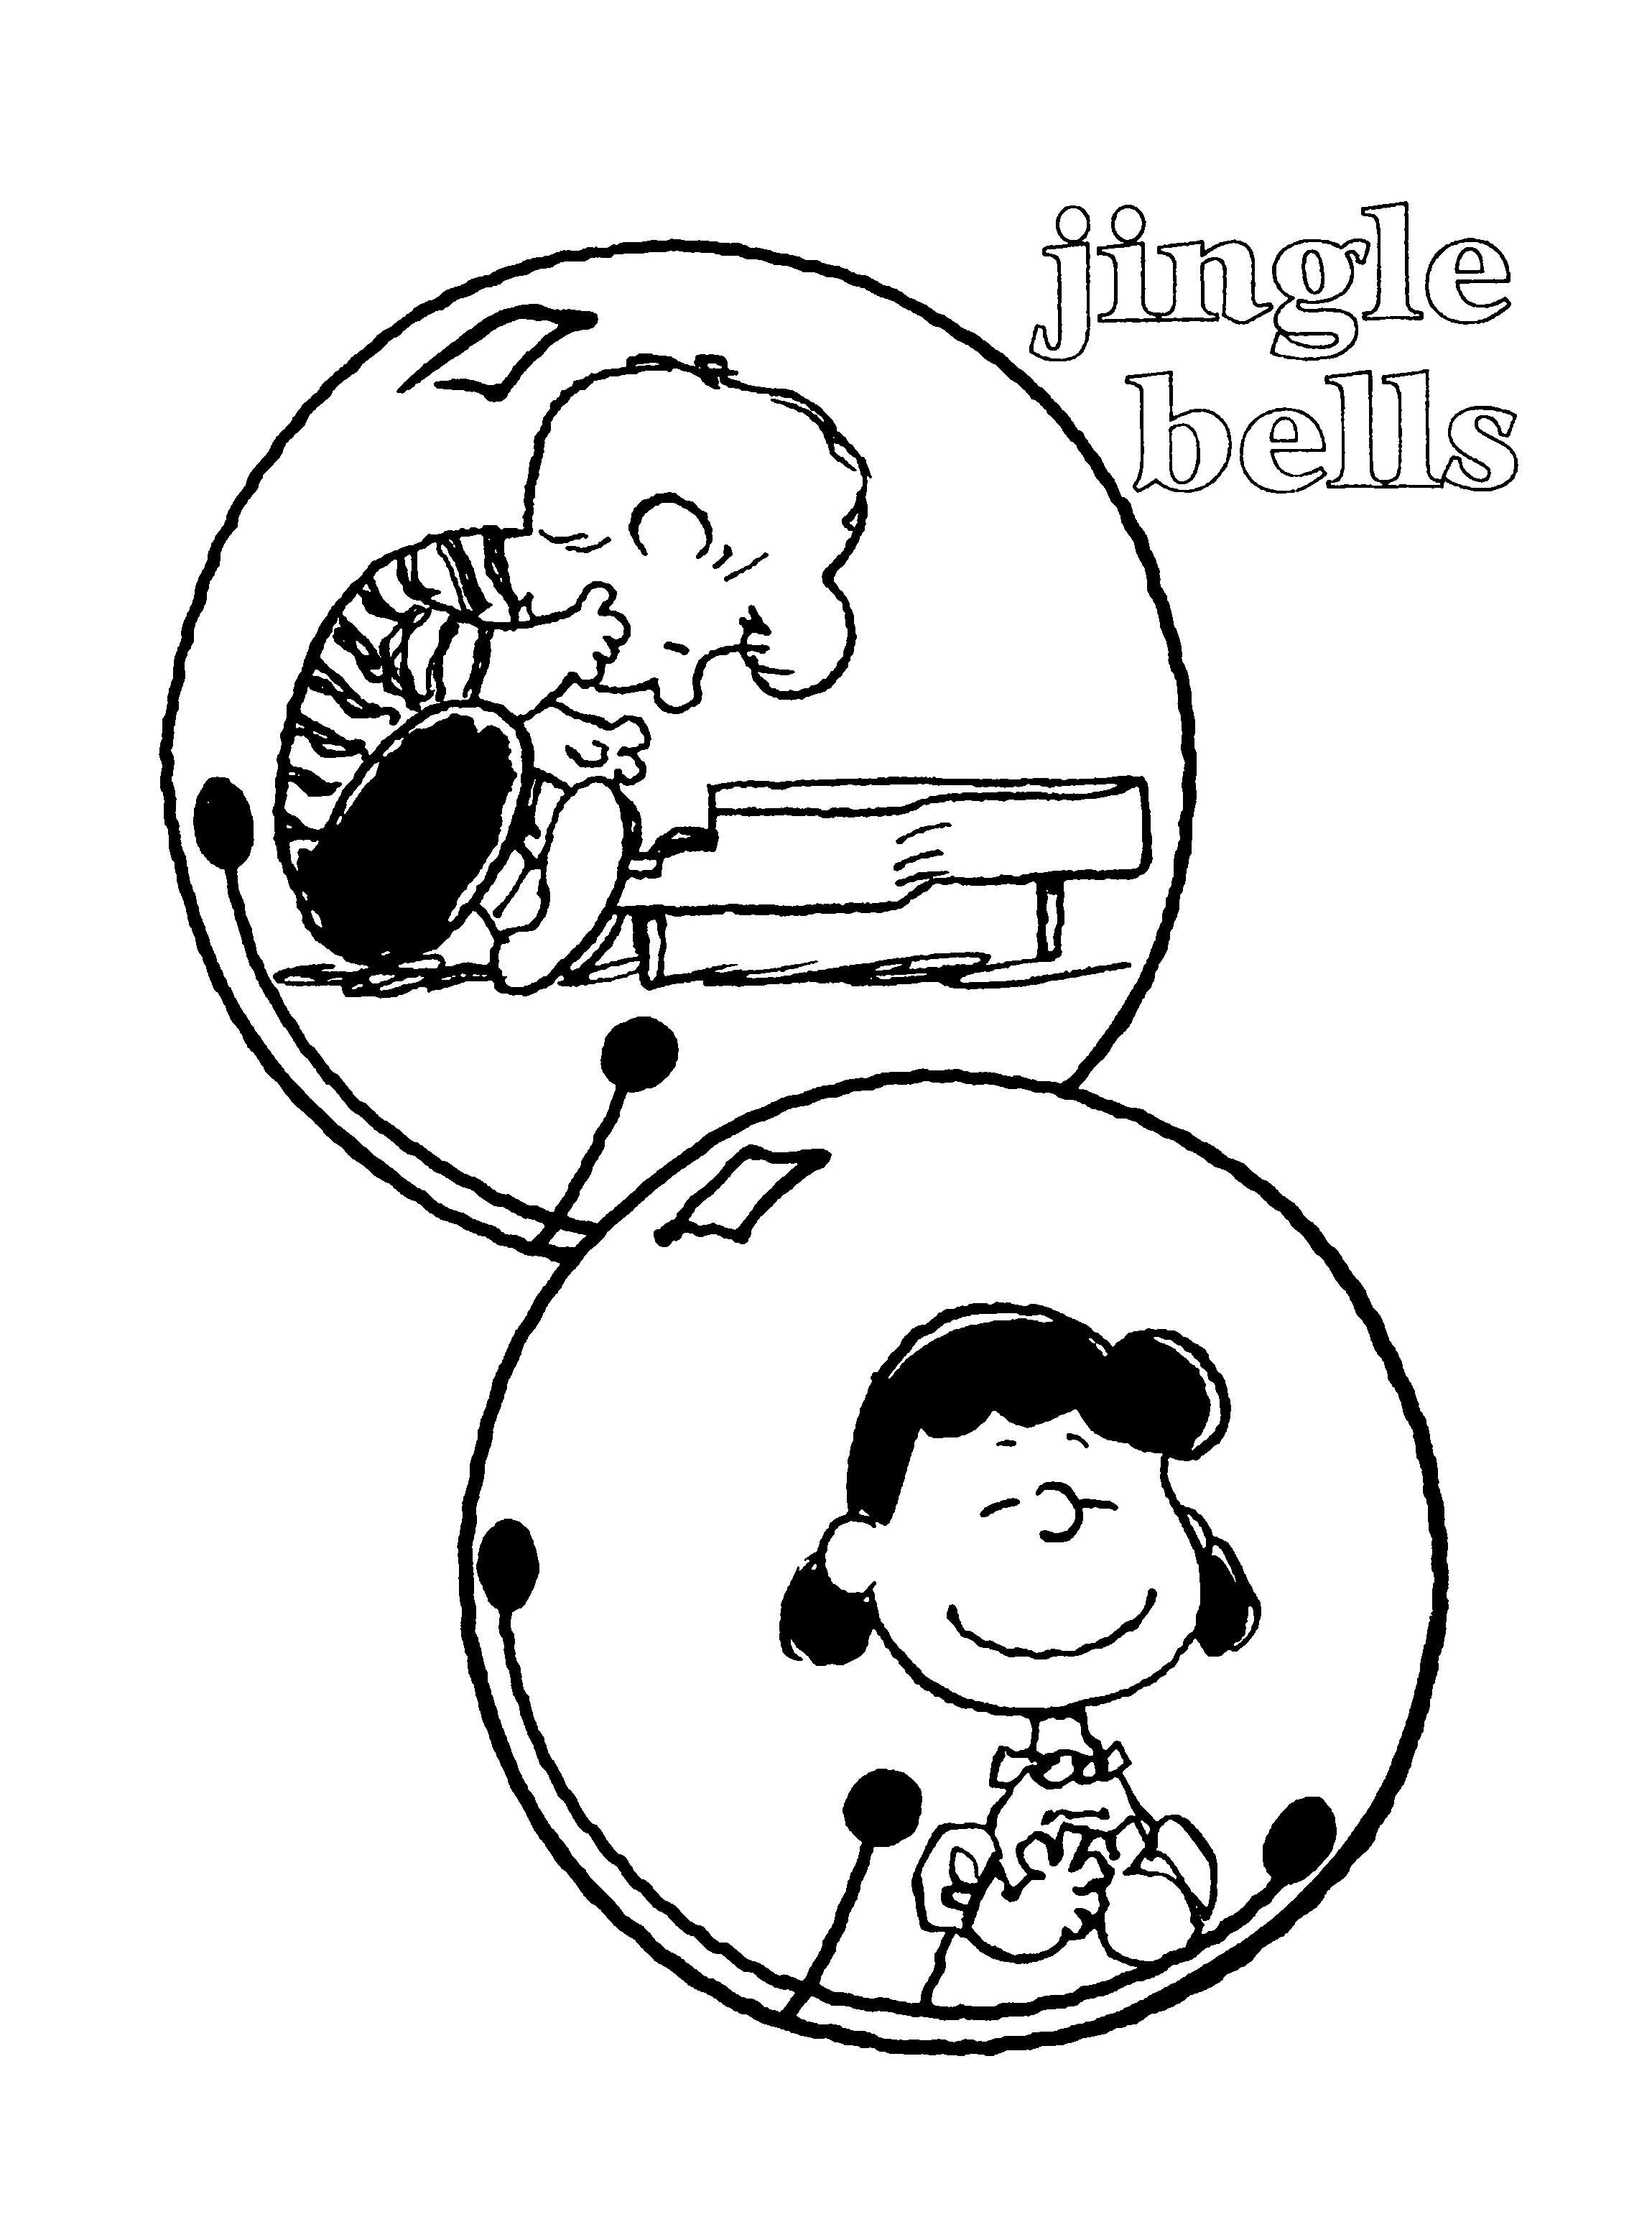 schroeder and lucy van pelt